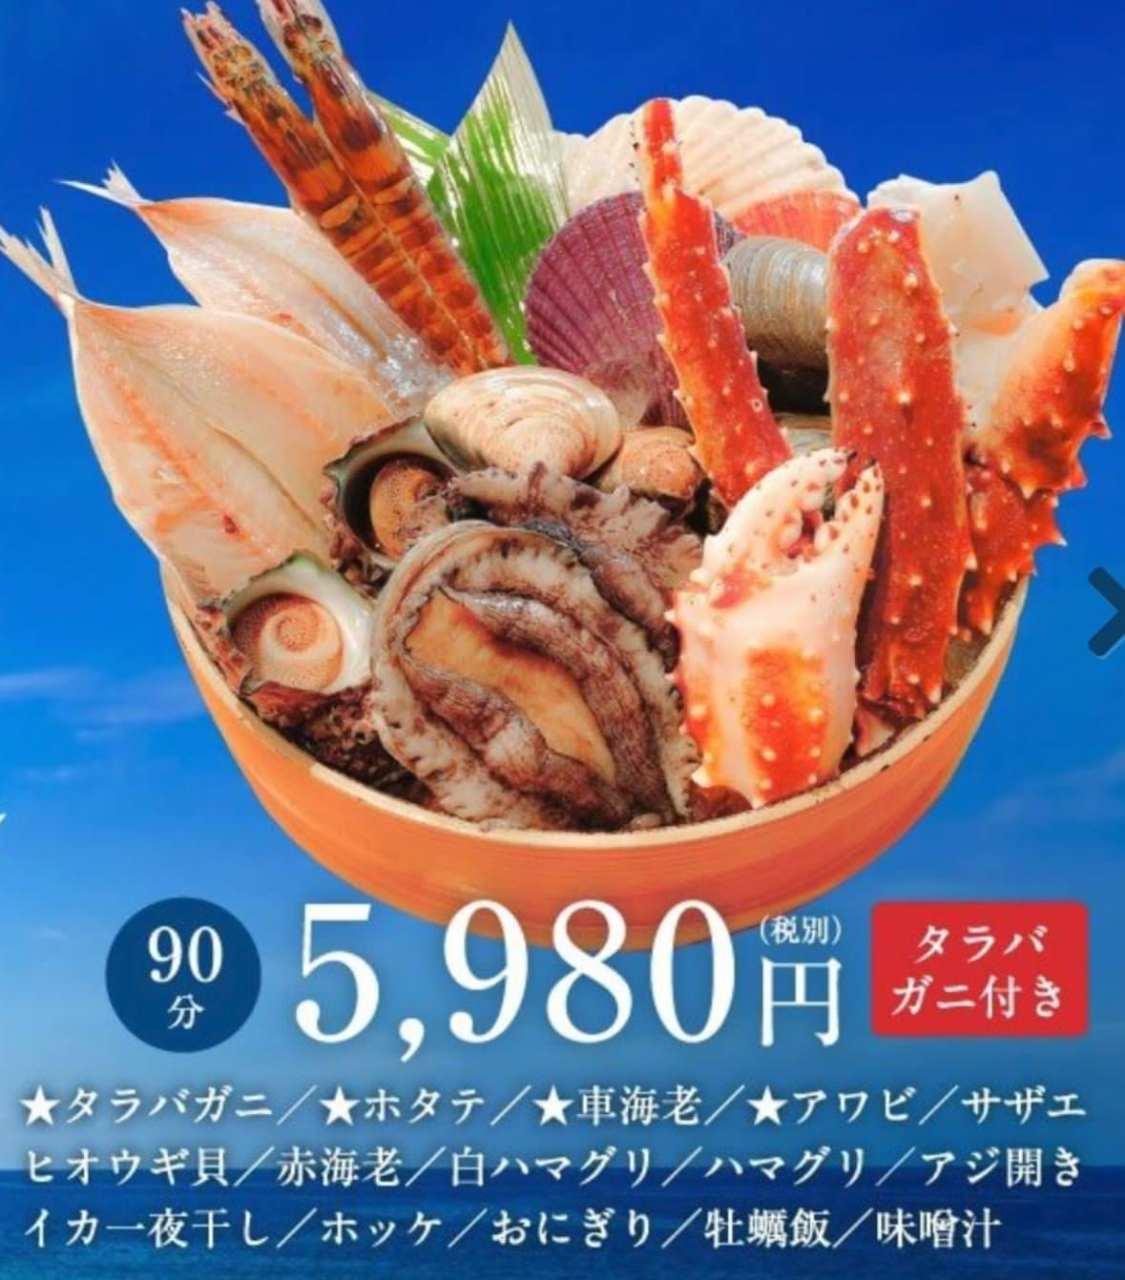 タラバガニ付き食べ放題海鮮盛り食べ放題90分!5.980円(税別)